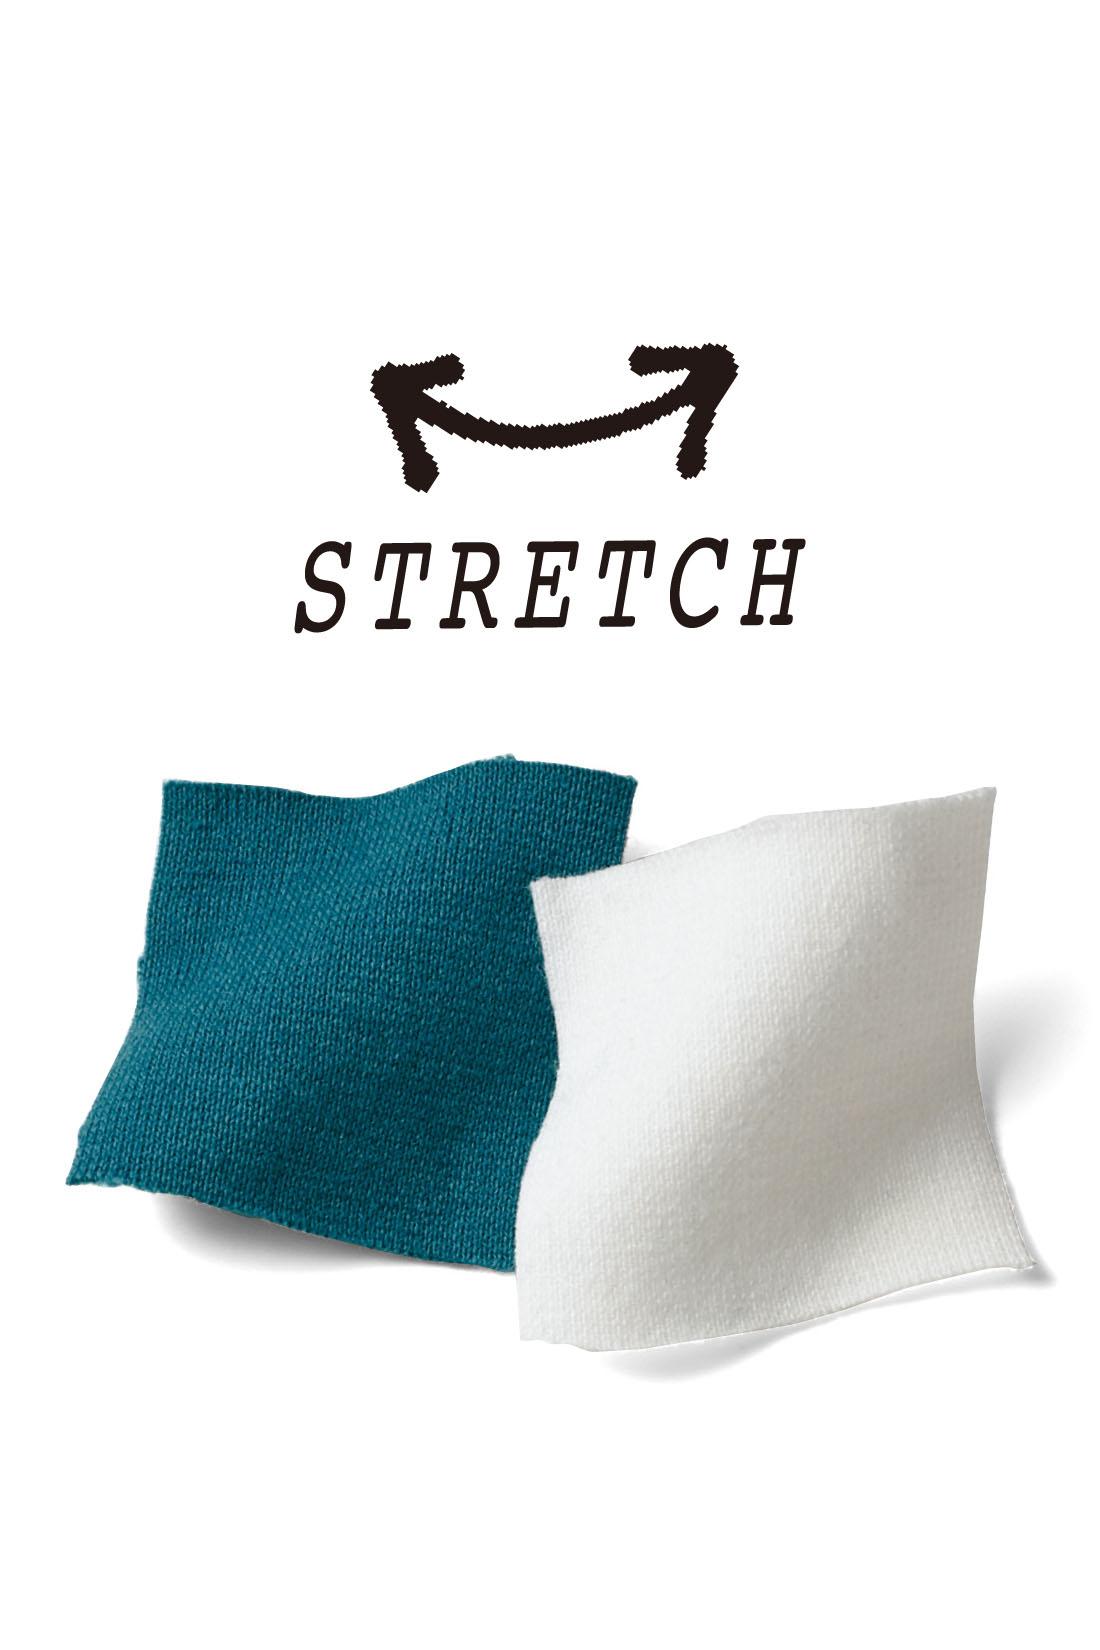 ストレッチがきいて着心地伸びやか ※お届けするカラーとは異なります。